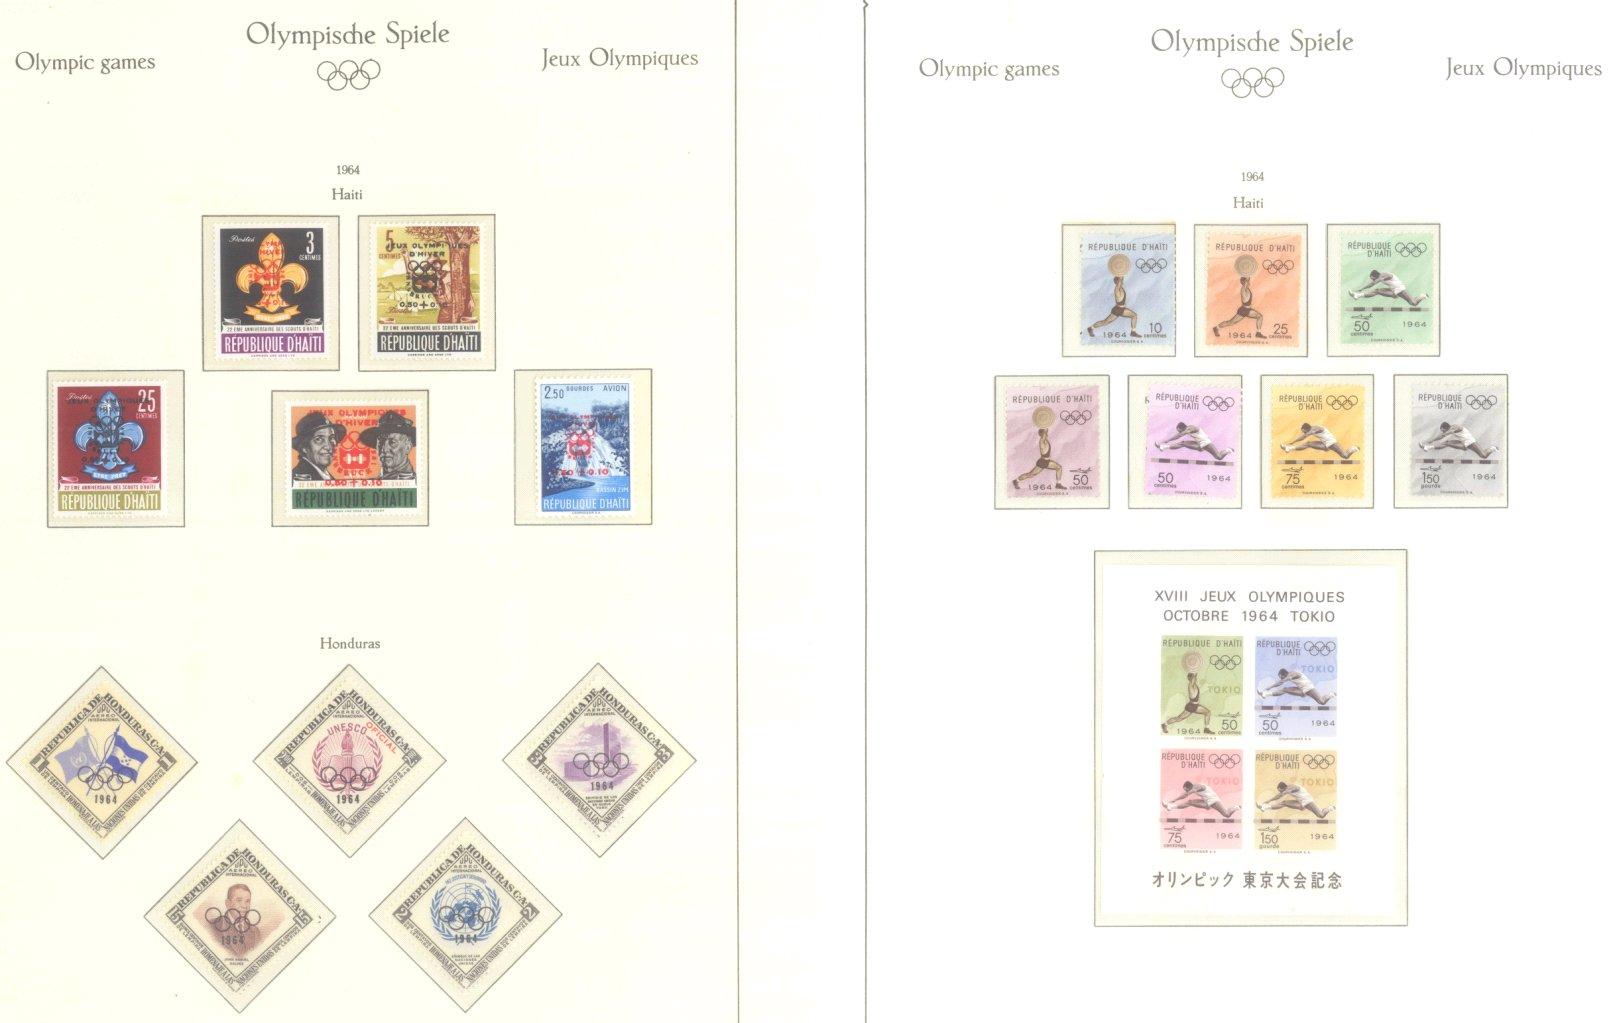 OLYMPISCHE SPIELE 1964 TOKIO, postfrische Sammlung Teil 1-20